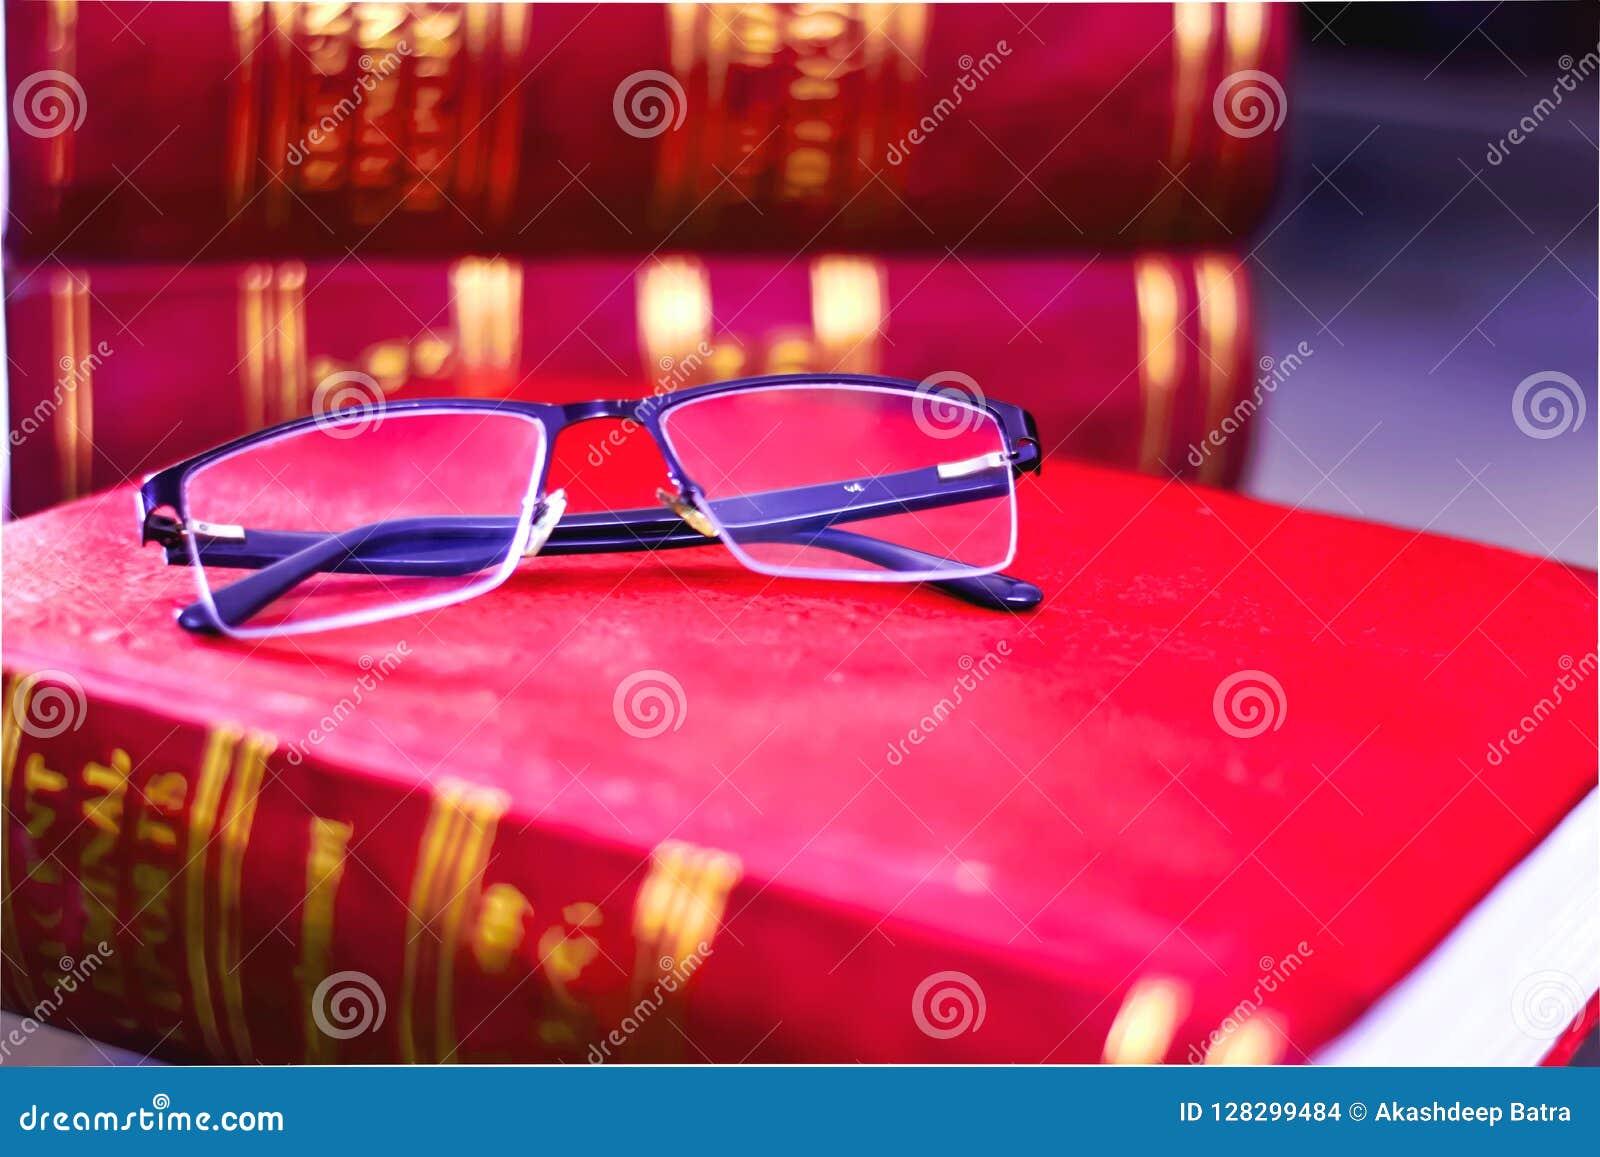 VIDRO DE LEITURA EM LIVROS DE LEI EM UMA BIBLIOTECA